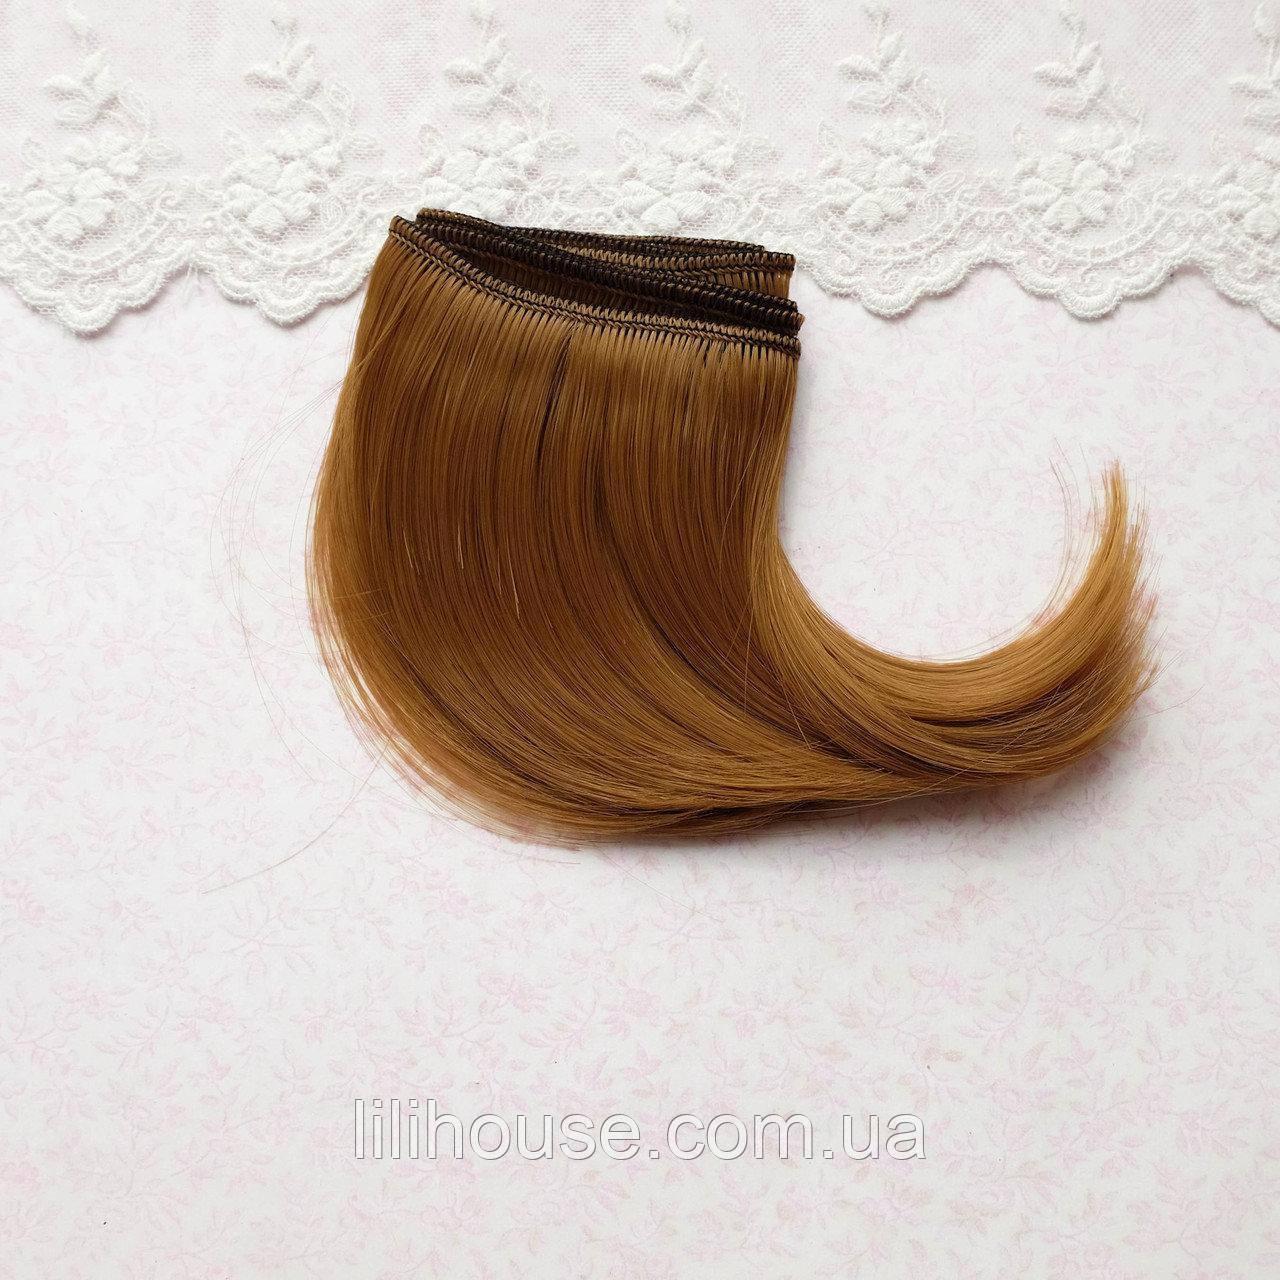 Волосы для Кукол Трессы Боб МЕДОВЫЙ РУСЫЙ Шелк 15 см